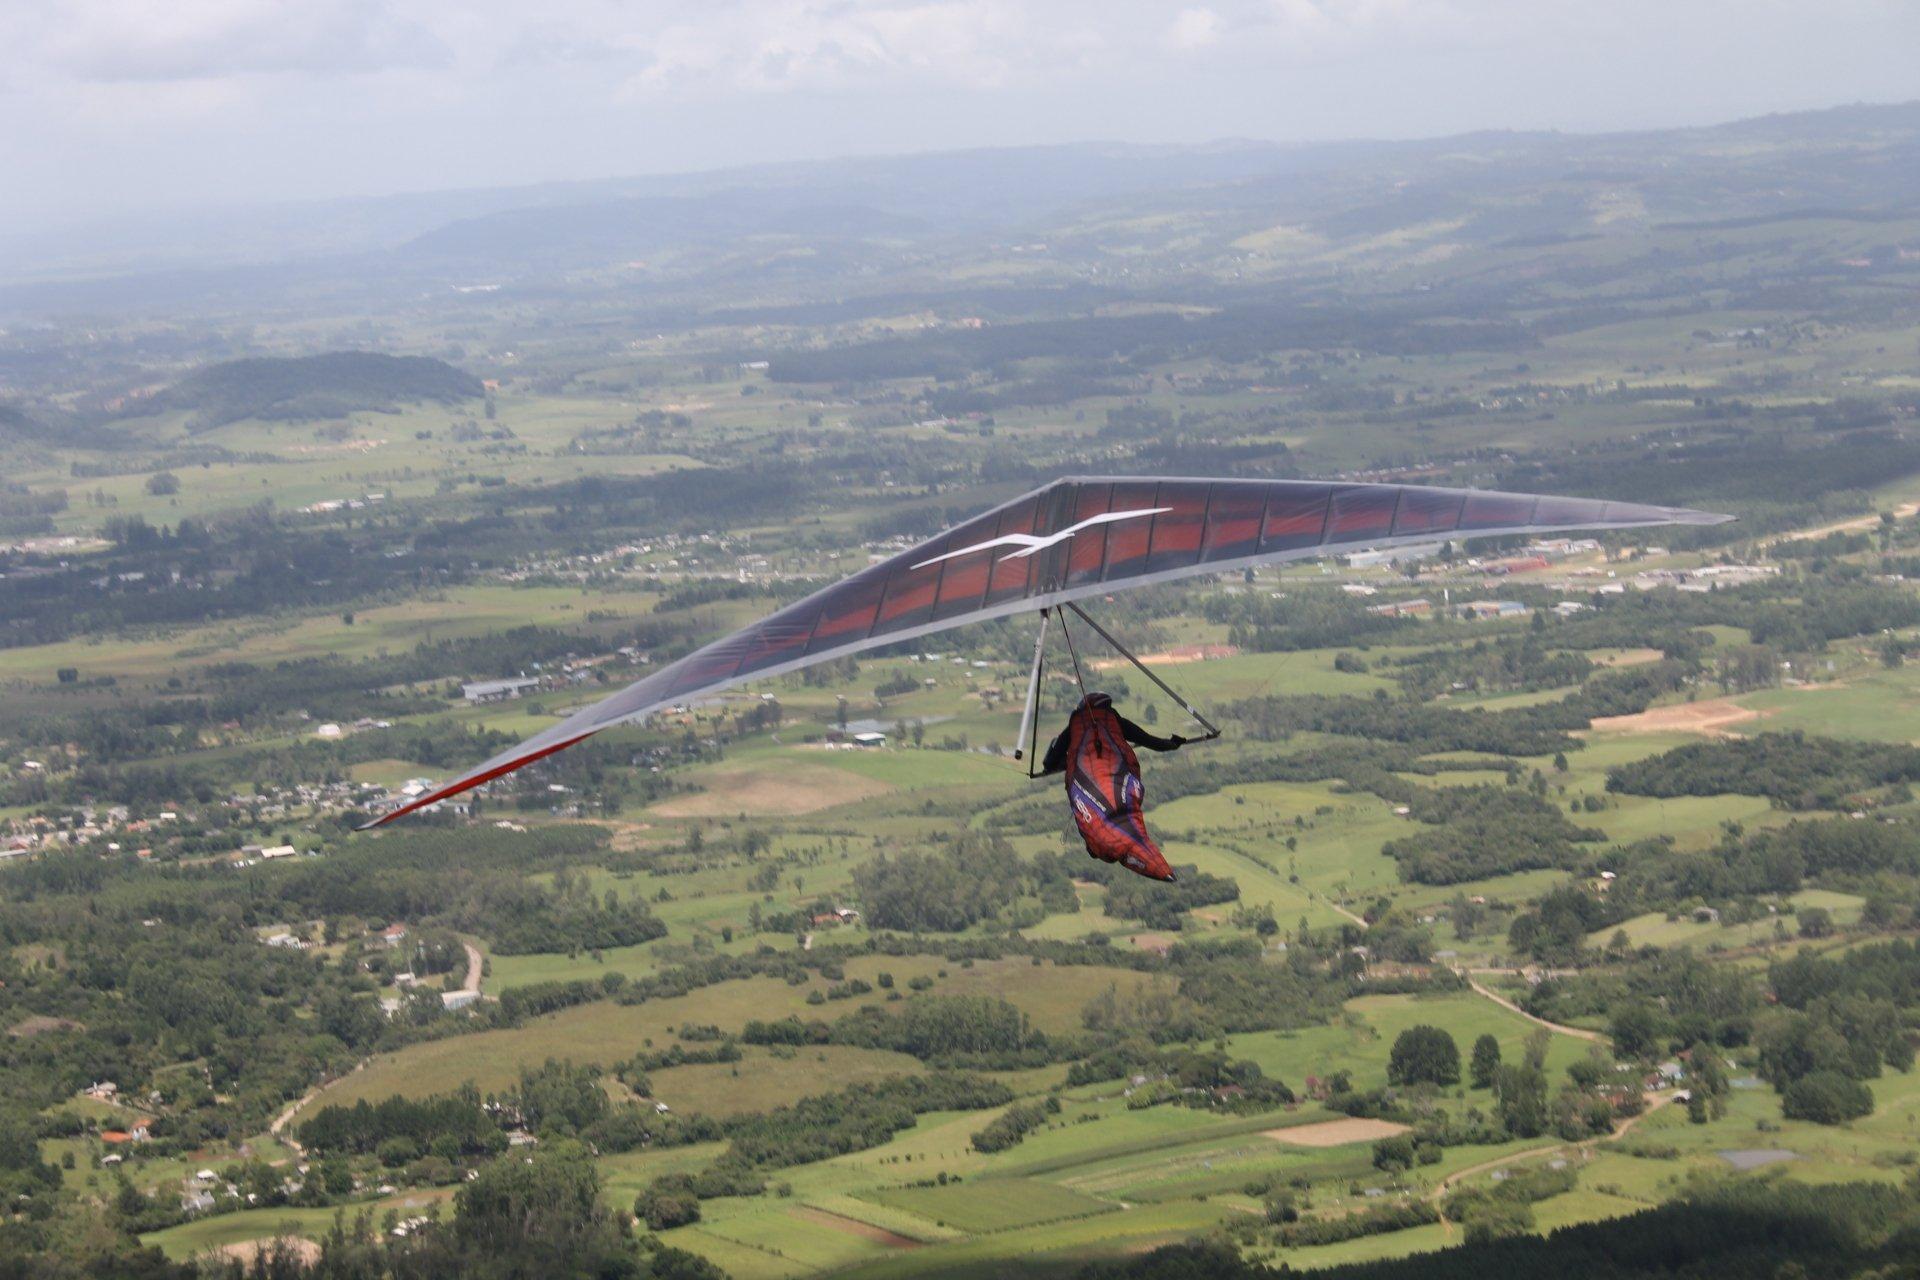 Turismo: Os esportes radicais tornaram Jacobina uma referência para o Brasil